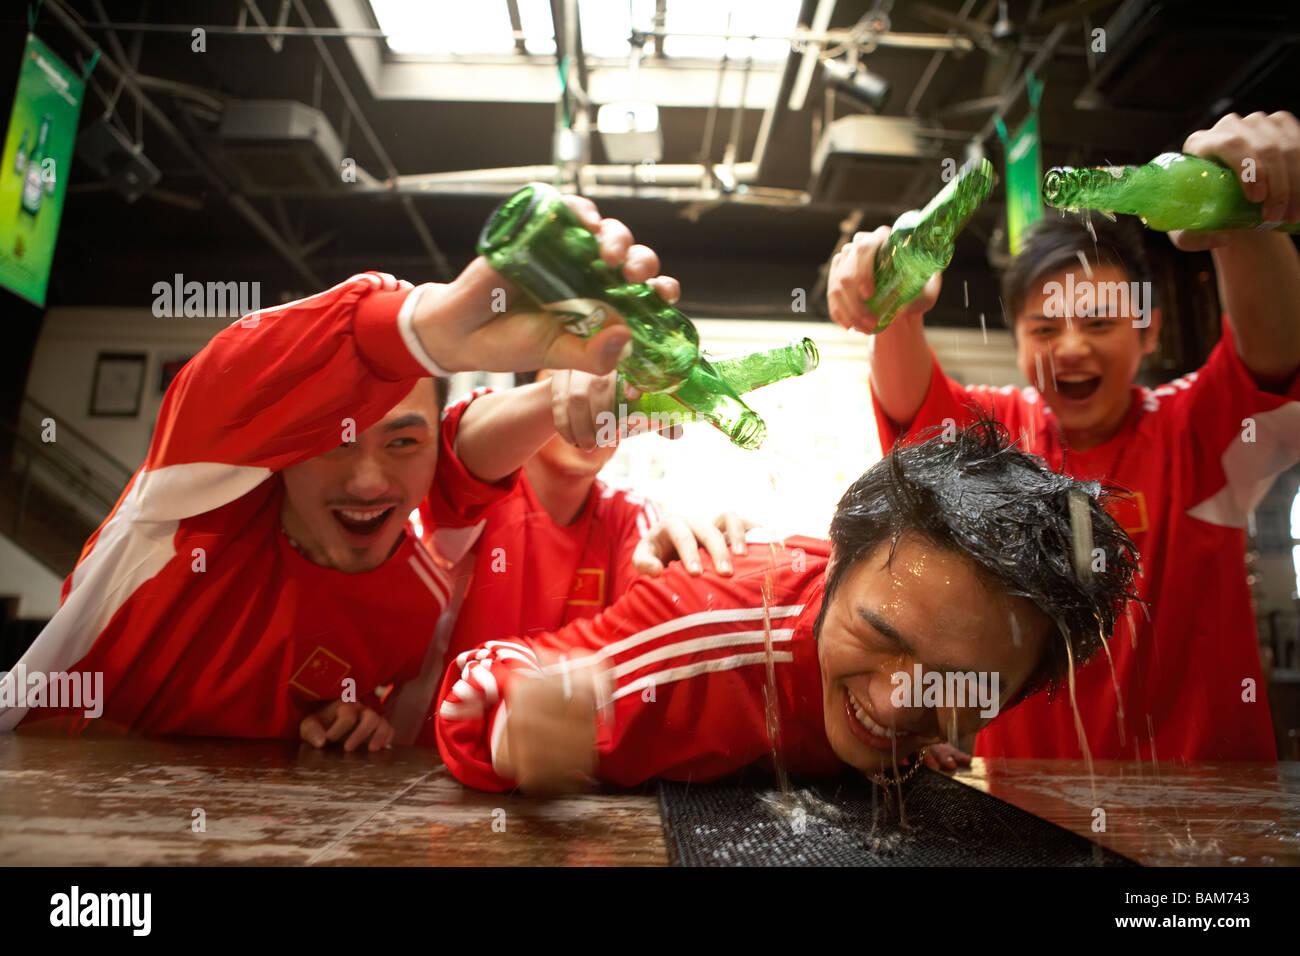 Junge Männer, die Alkohol in Strömen über junge Mann stützte sich auf Bar Stockbild